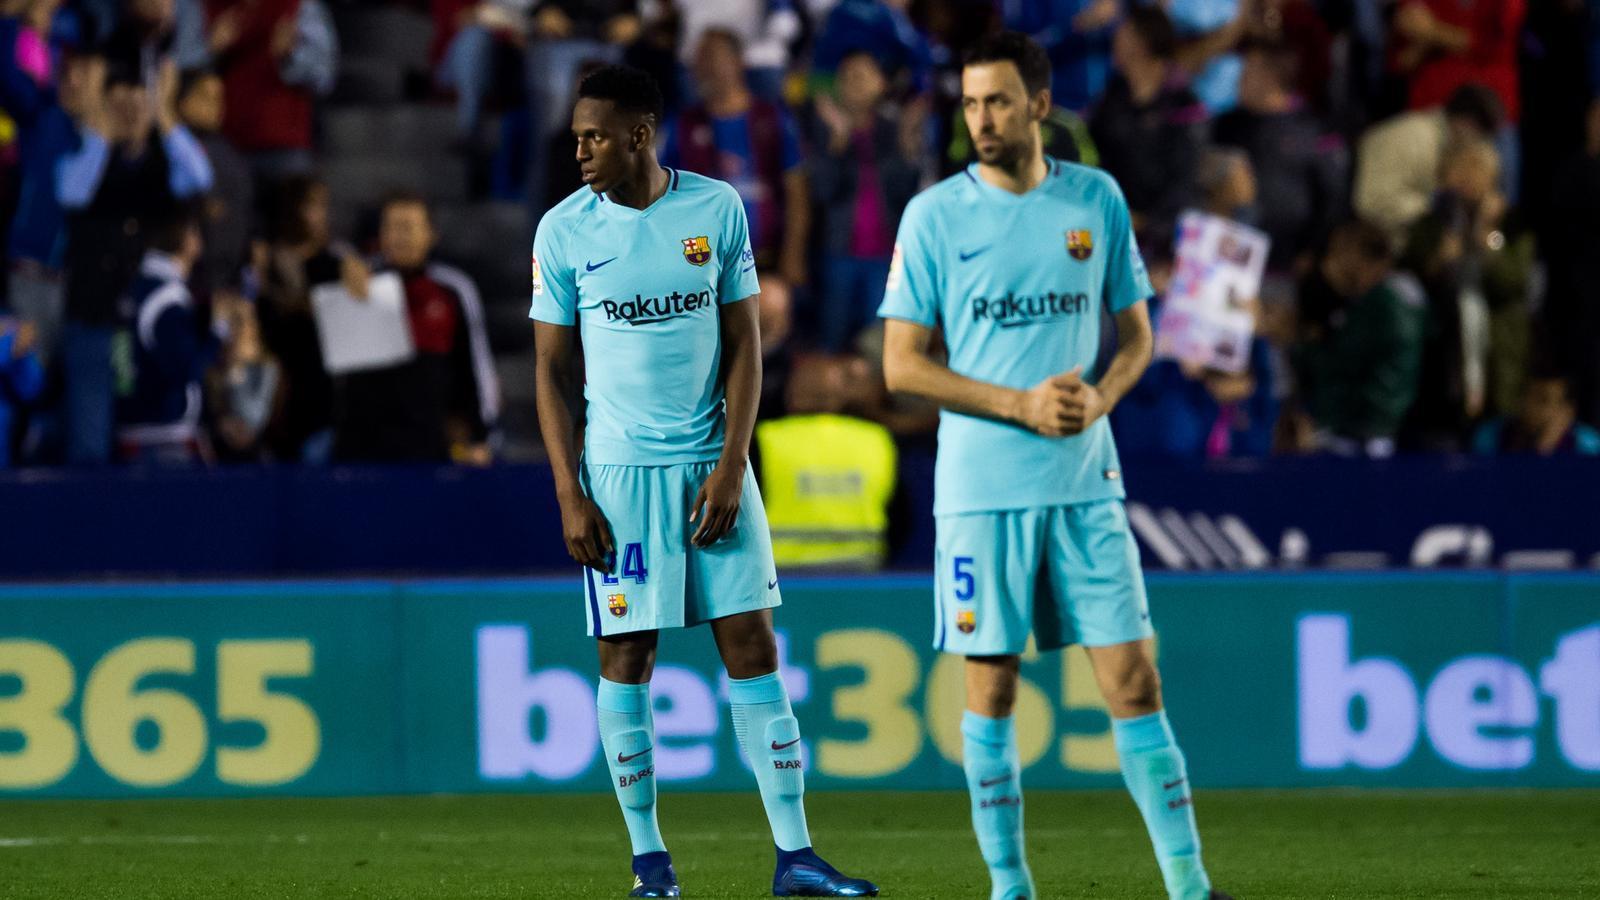 El Barça, sense marge d'error a un estadi de recent mal record